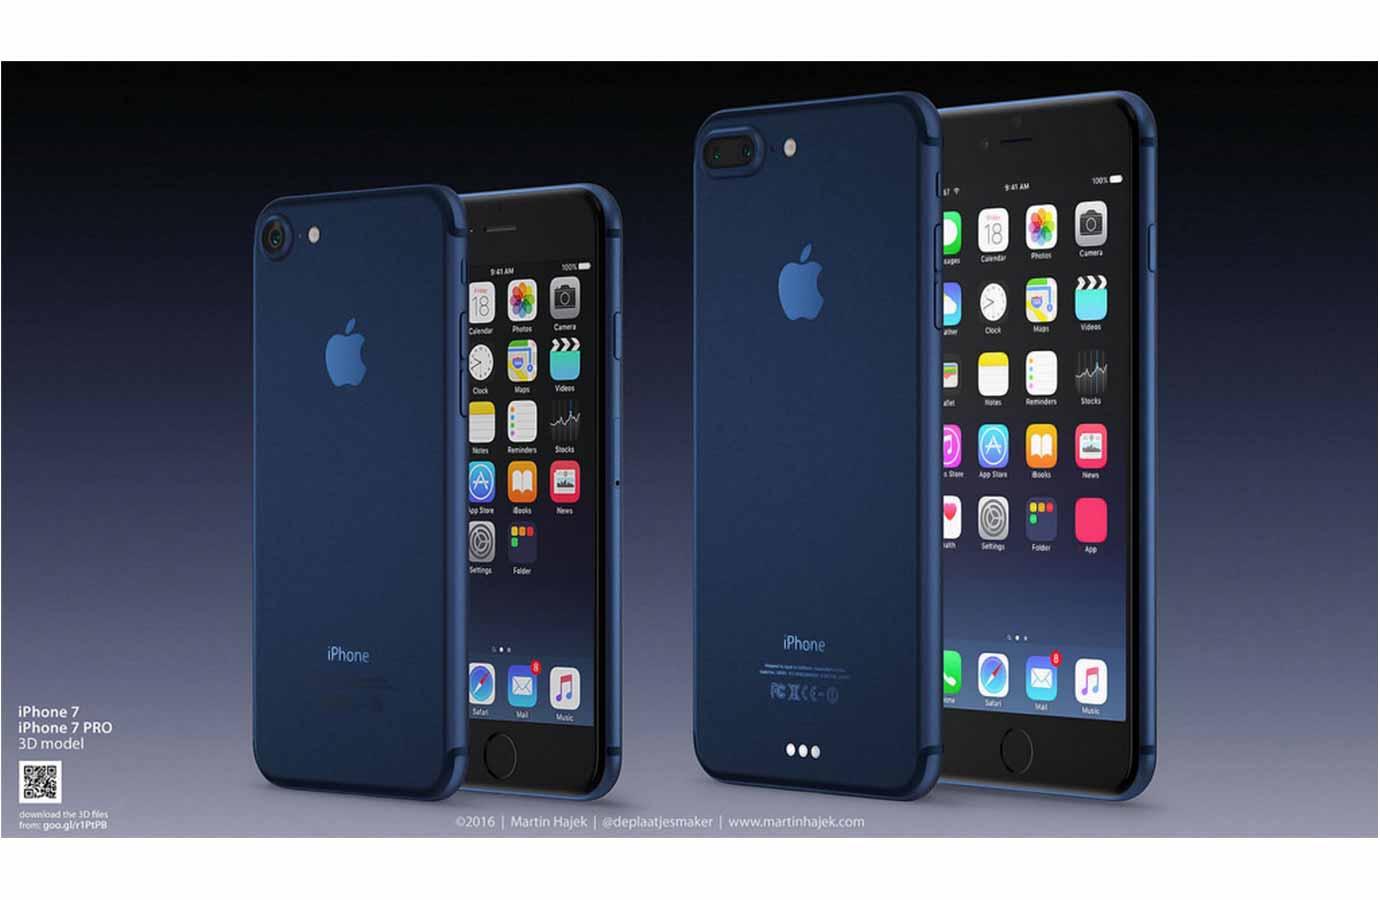 噂のされる新色「ディープブルー」の「iPhone 7」のコンセプト画像!?